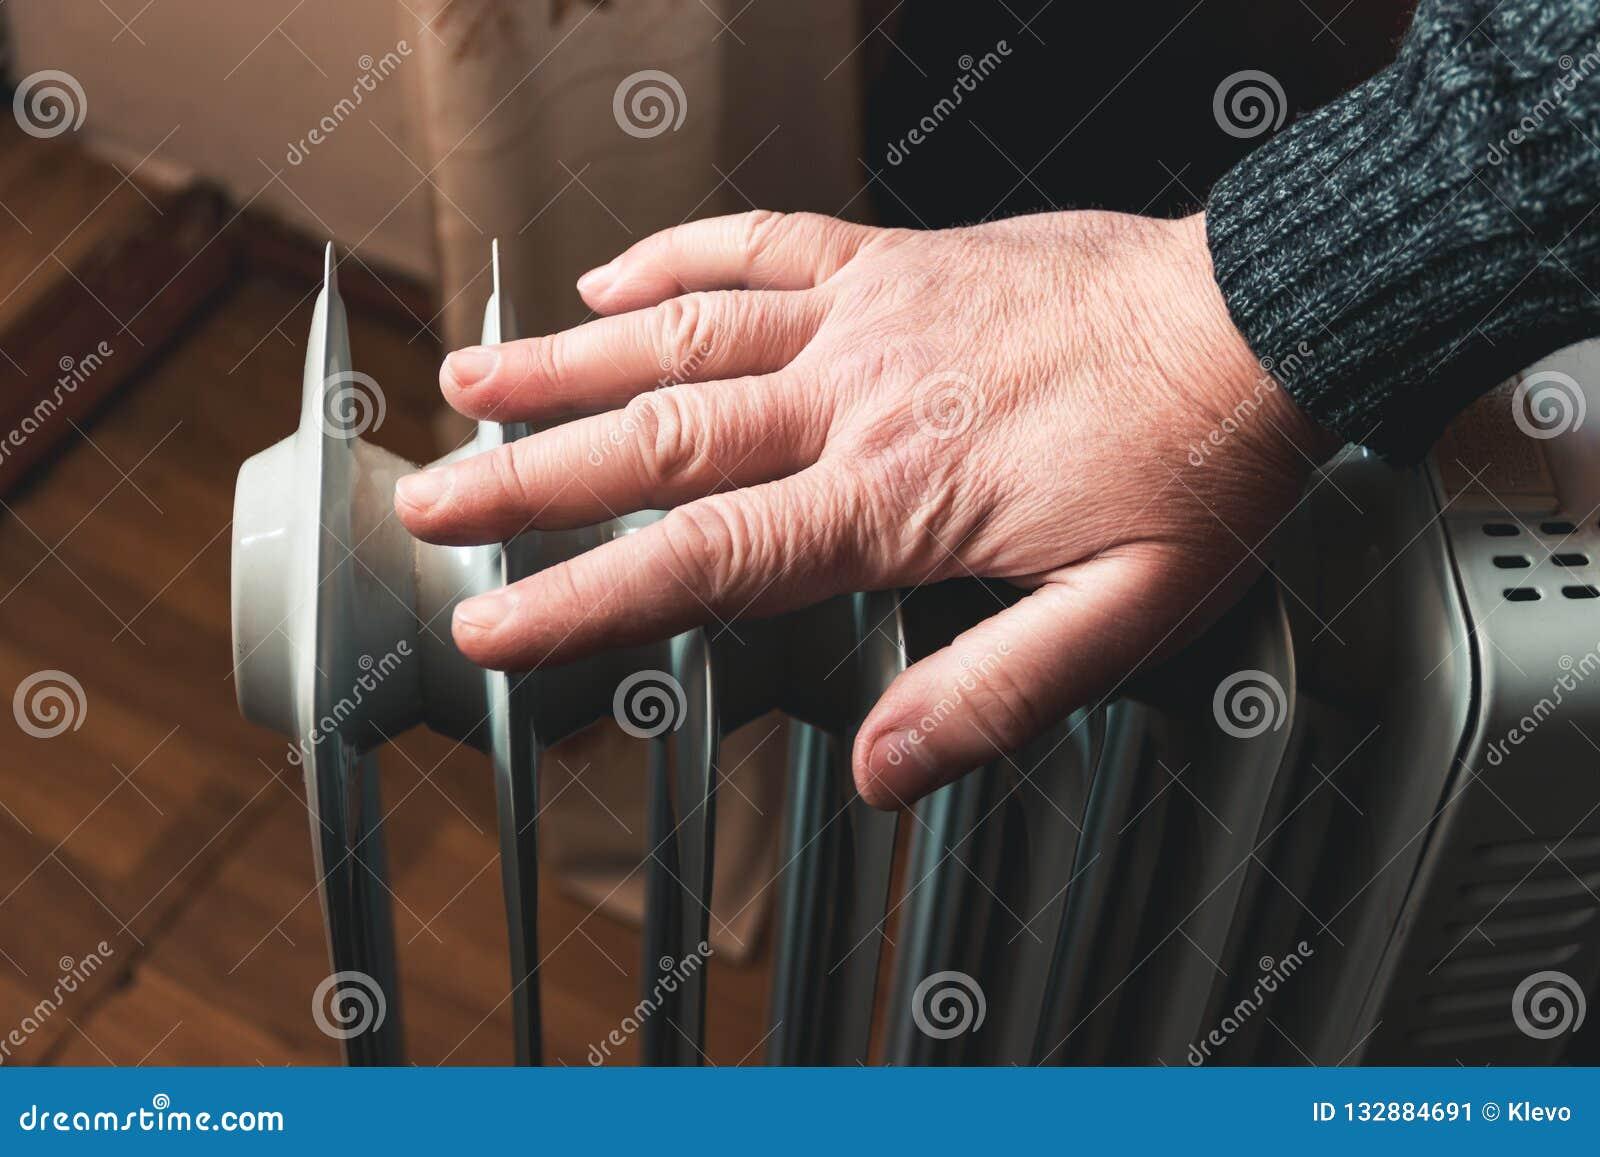 Mężczyzna sprawdza temperaturę elektryczny nafciany nagrzewacz z jego ręką W poza sezonem, środkowym ogrzewaniu, zawsze no pracuj